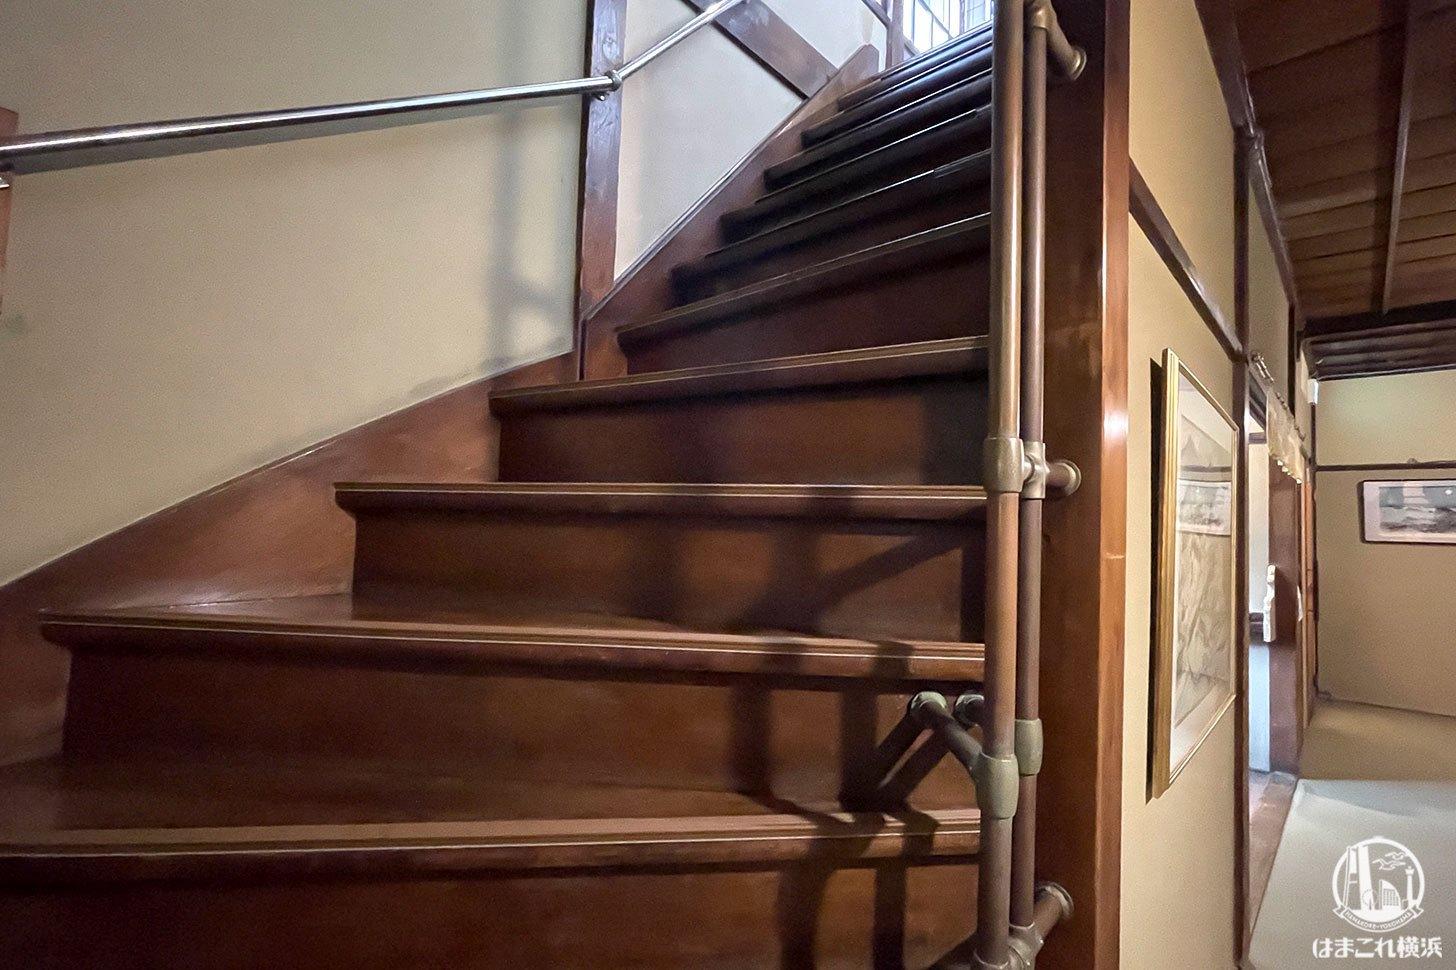 カフェ金澤園 2階に続く階段